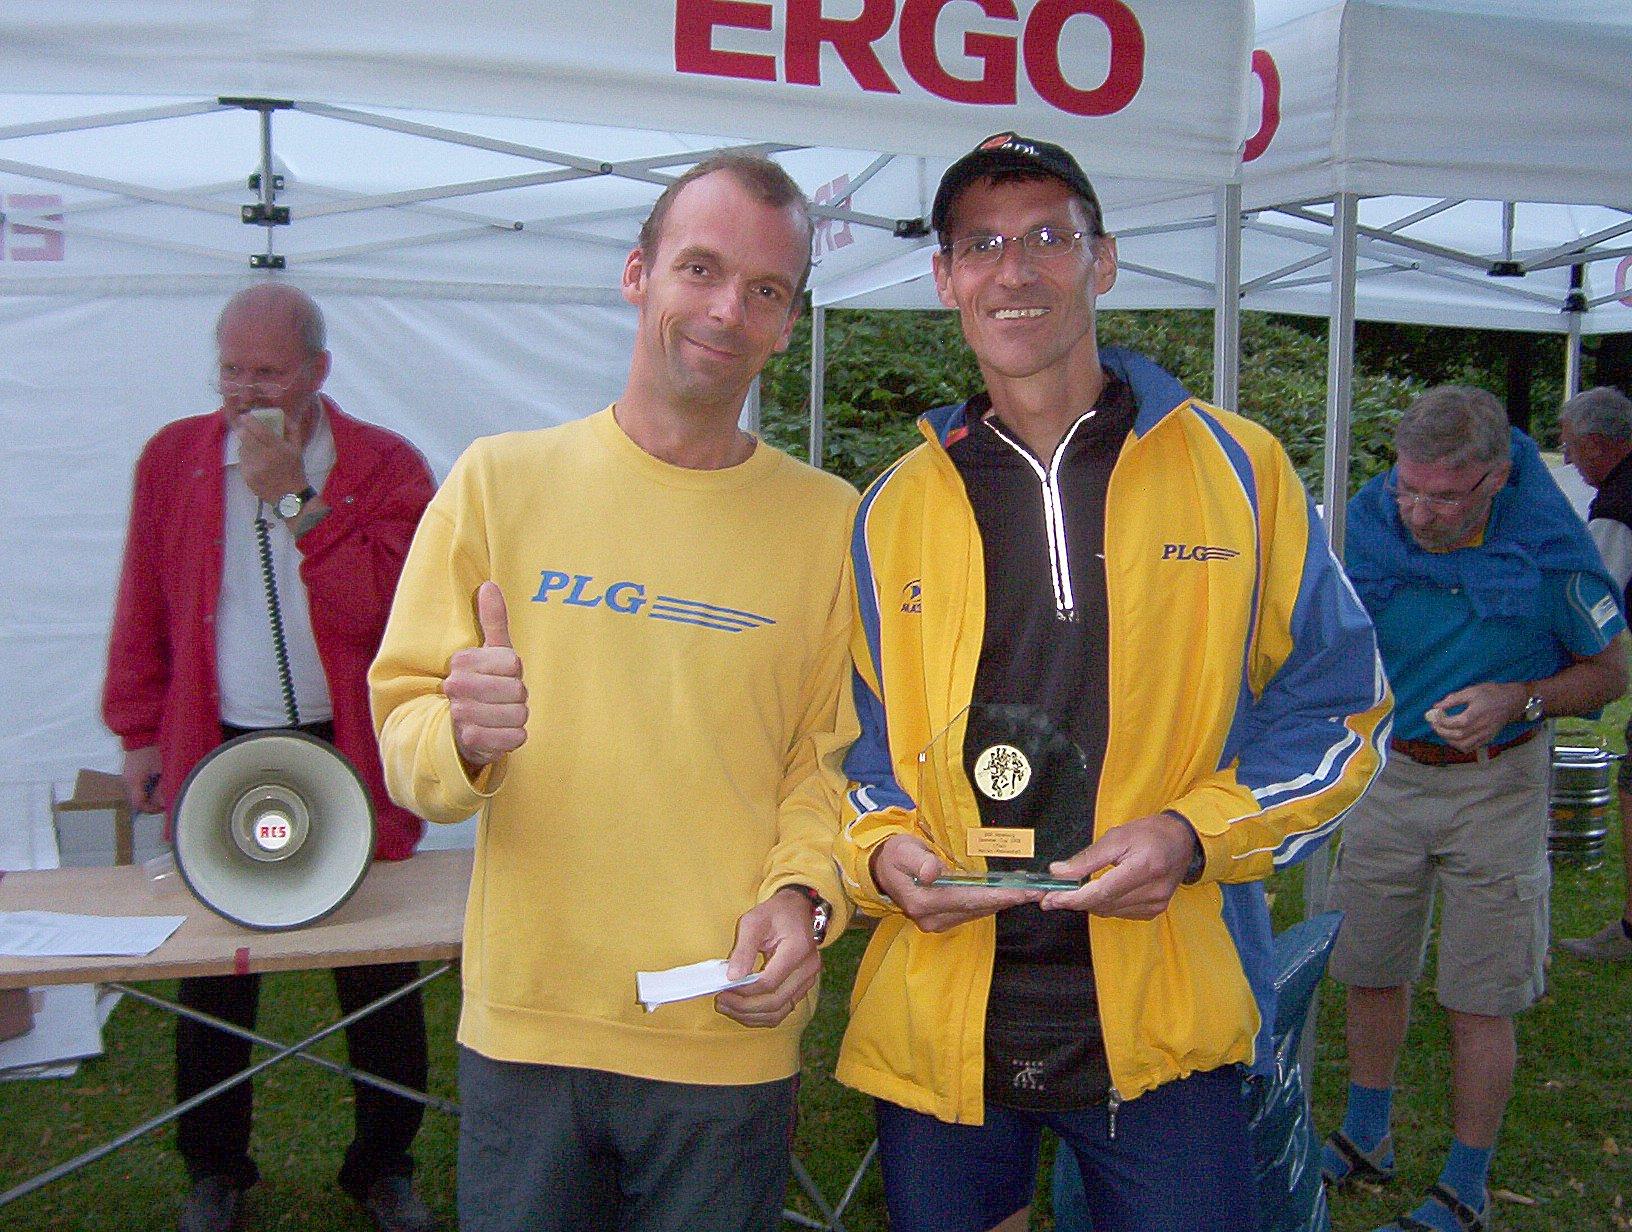 Hohenbuchenlauf 2009: Siegerehrung Männer-Mannschaft Laufcup